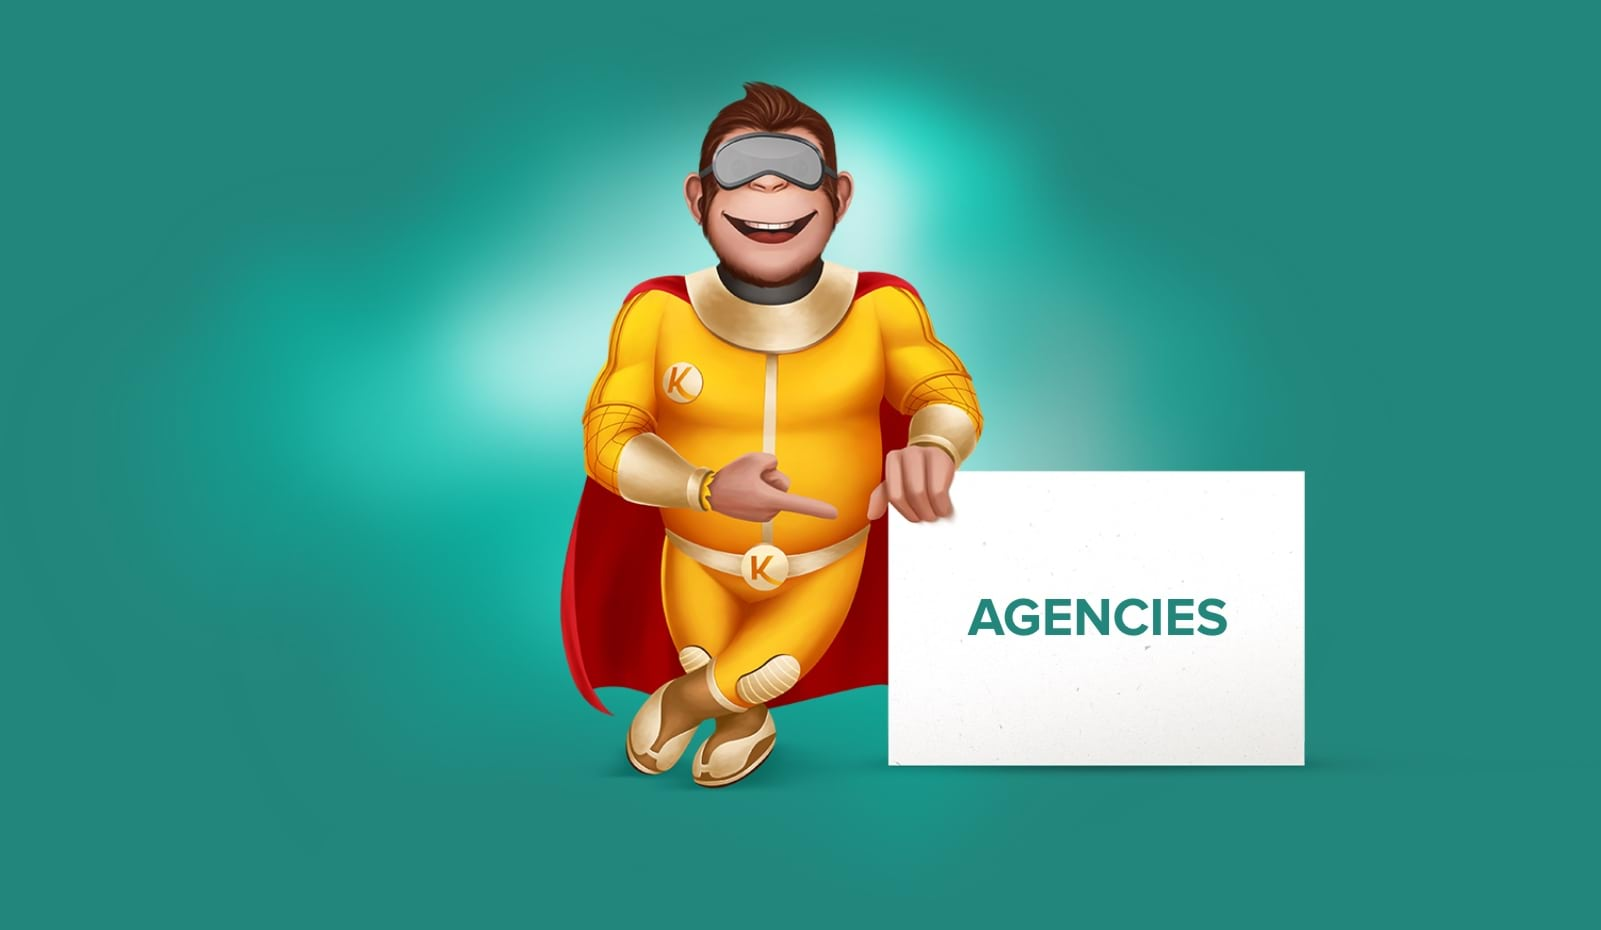 ki_agency_header